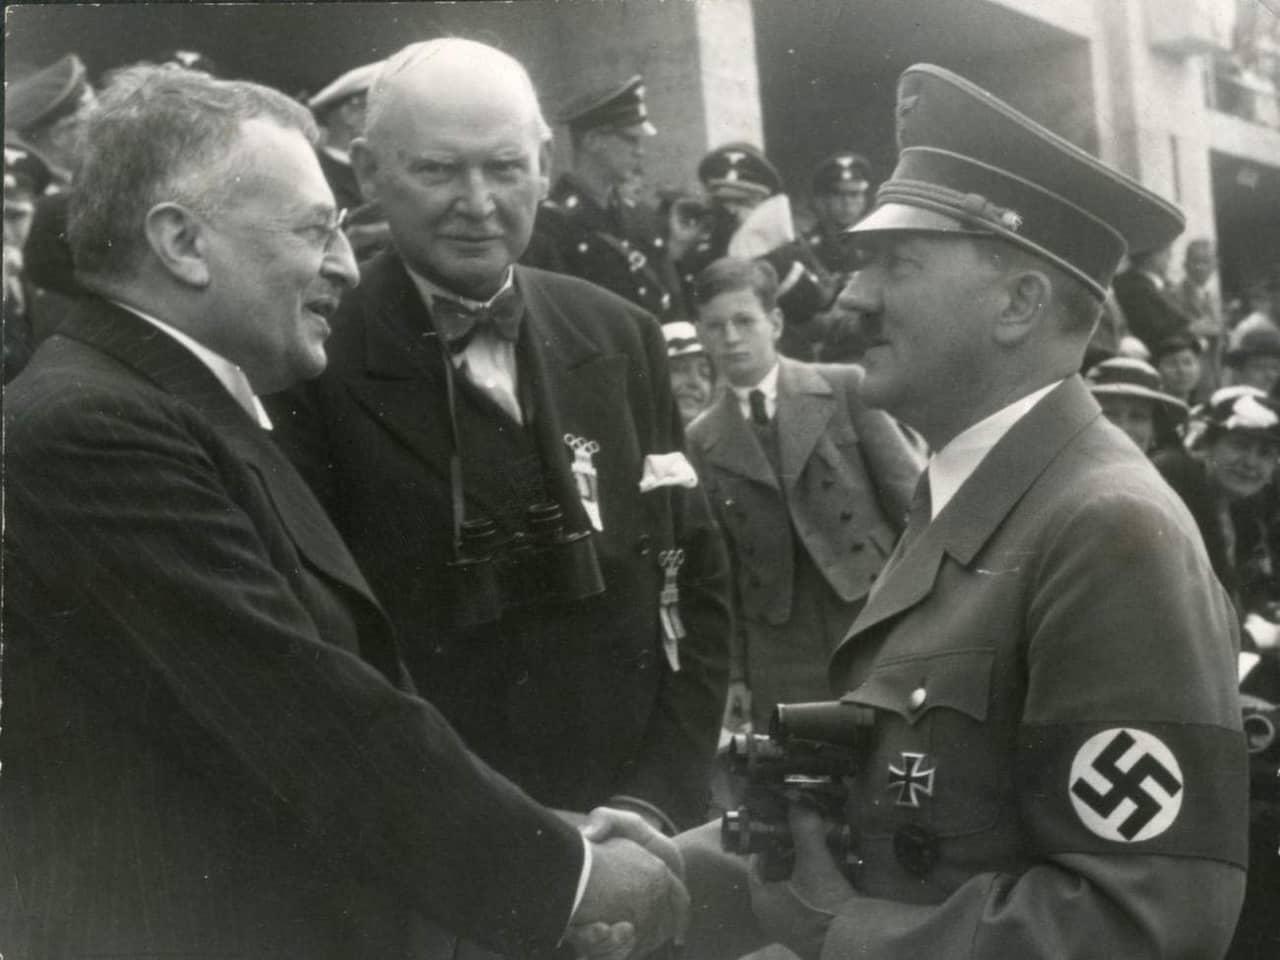 /></p> <p>Efter andra världskriget sveptes han in avståndstagandets tystnad. I officiell svensk historieskrivning om andra världskriget nämns han knappast.<br />Men i själva verket spelade han en viktig roll som regeringens kommunikationslänk till Hitler under krigets inledande år då rädslan för ett tyskt anfall på Sverige var stor, liksom osäkerheten om hur man skulle agera för att undvika det.<br />Sanningen om detta har legat dold i arkiven. Ingen hade intresse av att exponera det verkliga förhållandet; inte Hedin, som inför Hitler och de andra nazipamparna, var mån om att se ut som om han agerade som privatman och på eget initiativ och inte heller regeringen, som för allt i världen inte ville synas associerad med den Hitlerbeundrande gamle upptäckaren.</p> <p>När Hedin senare skrev en bok om sina möten med Hitler, Göring, Himmler, Goebbels och Ribbentrop, tänkte han nämna en av sina uppdragsgivare, överståthållaren (Stockholms landshövding) Torsten Nothin. Men när Nothin fick läsa manus och upptäckte sitt namn, bad han Hedin stryka det. Hedins bok fick i stället den oskyldiga - och felaktiga - titeln